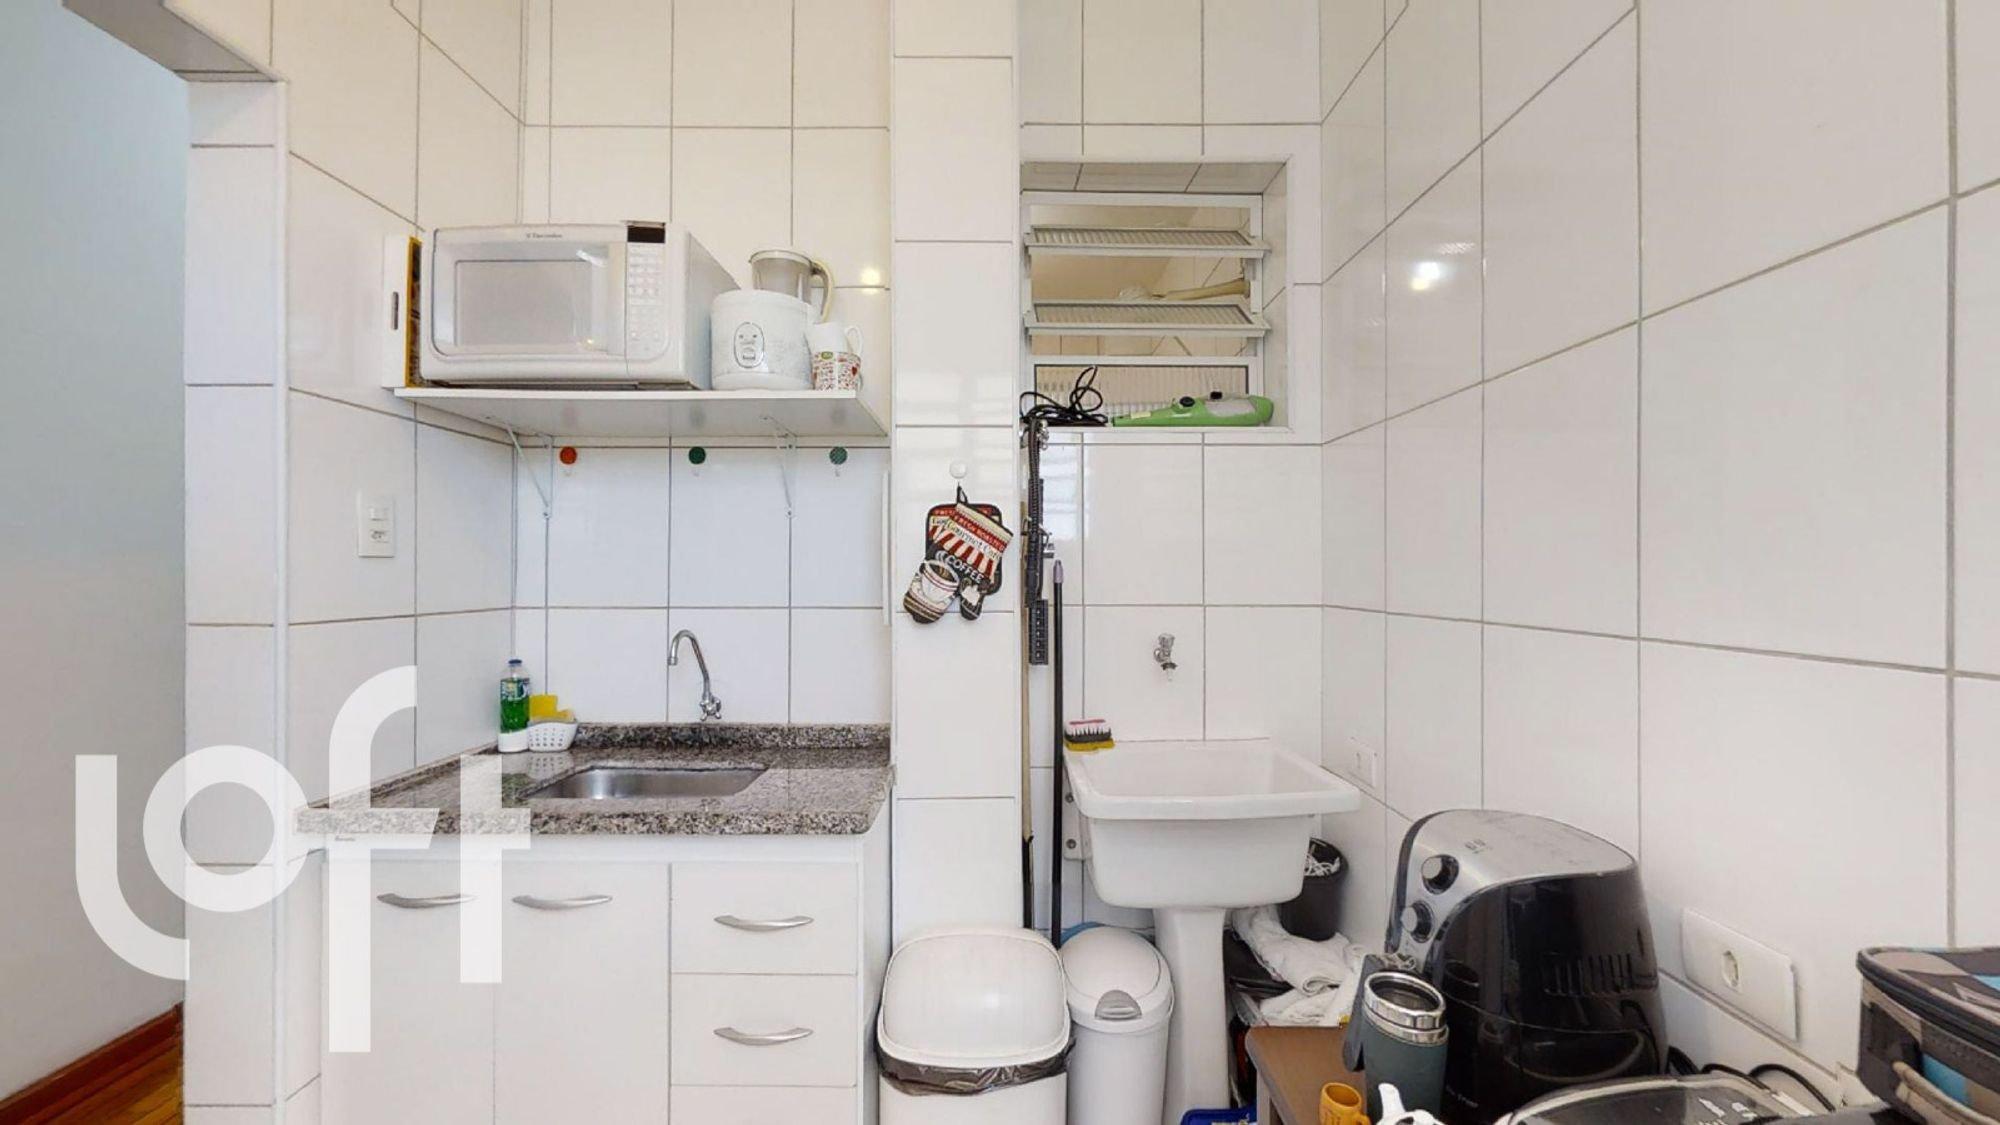 Foto de Cozinha com pia, microondas, garrafa